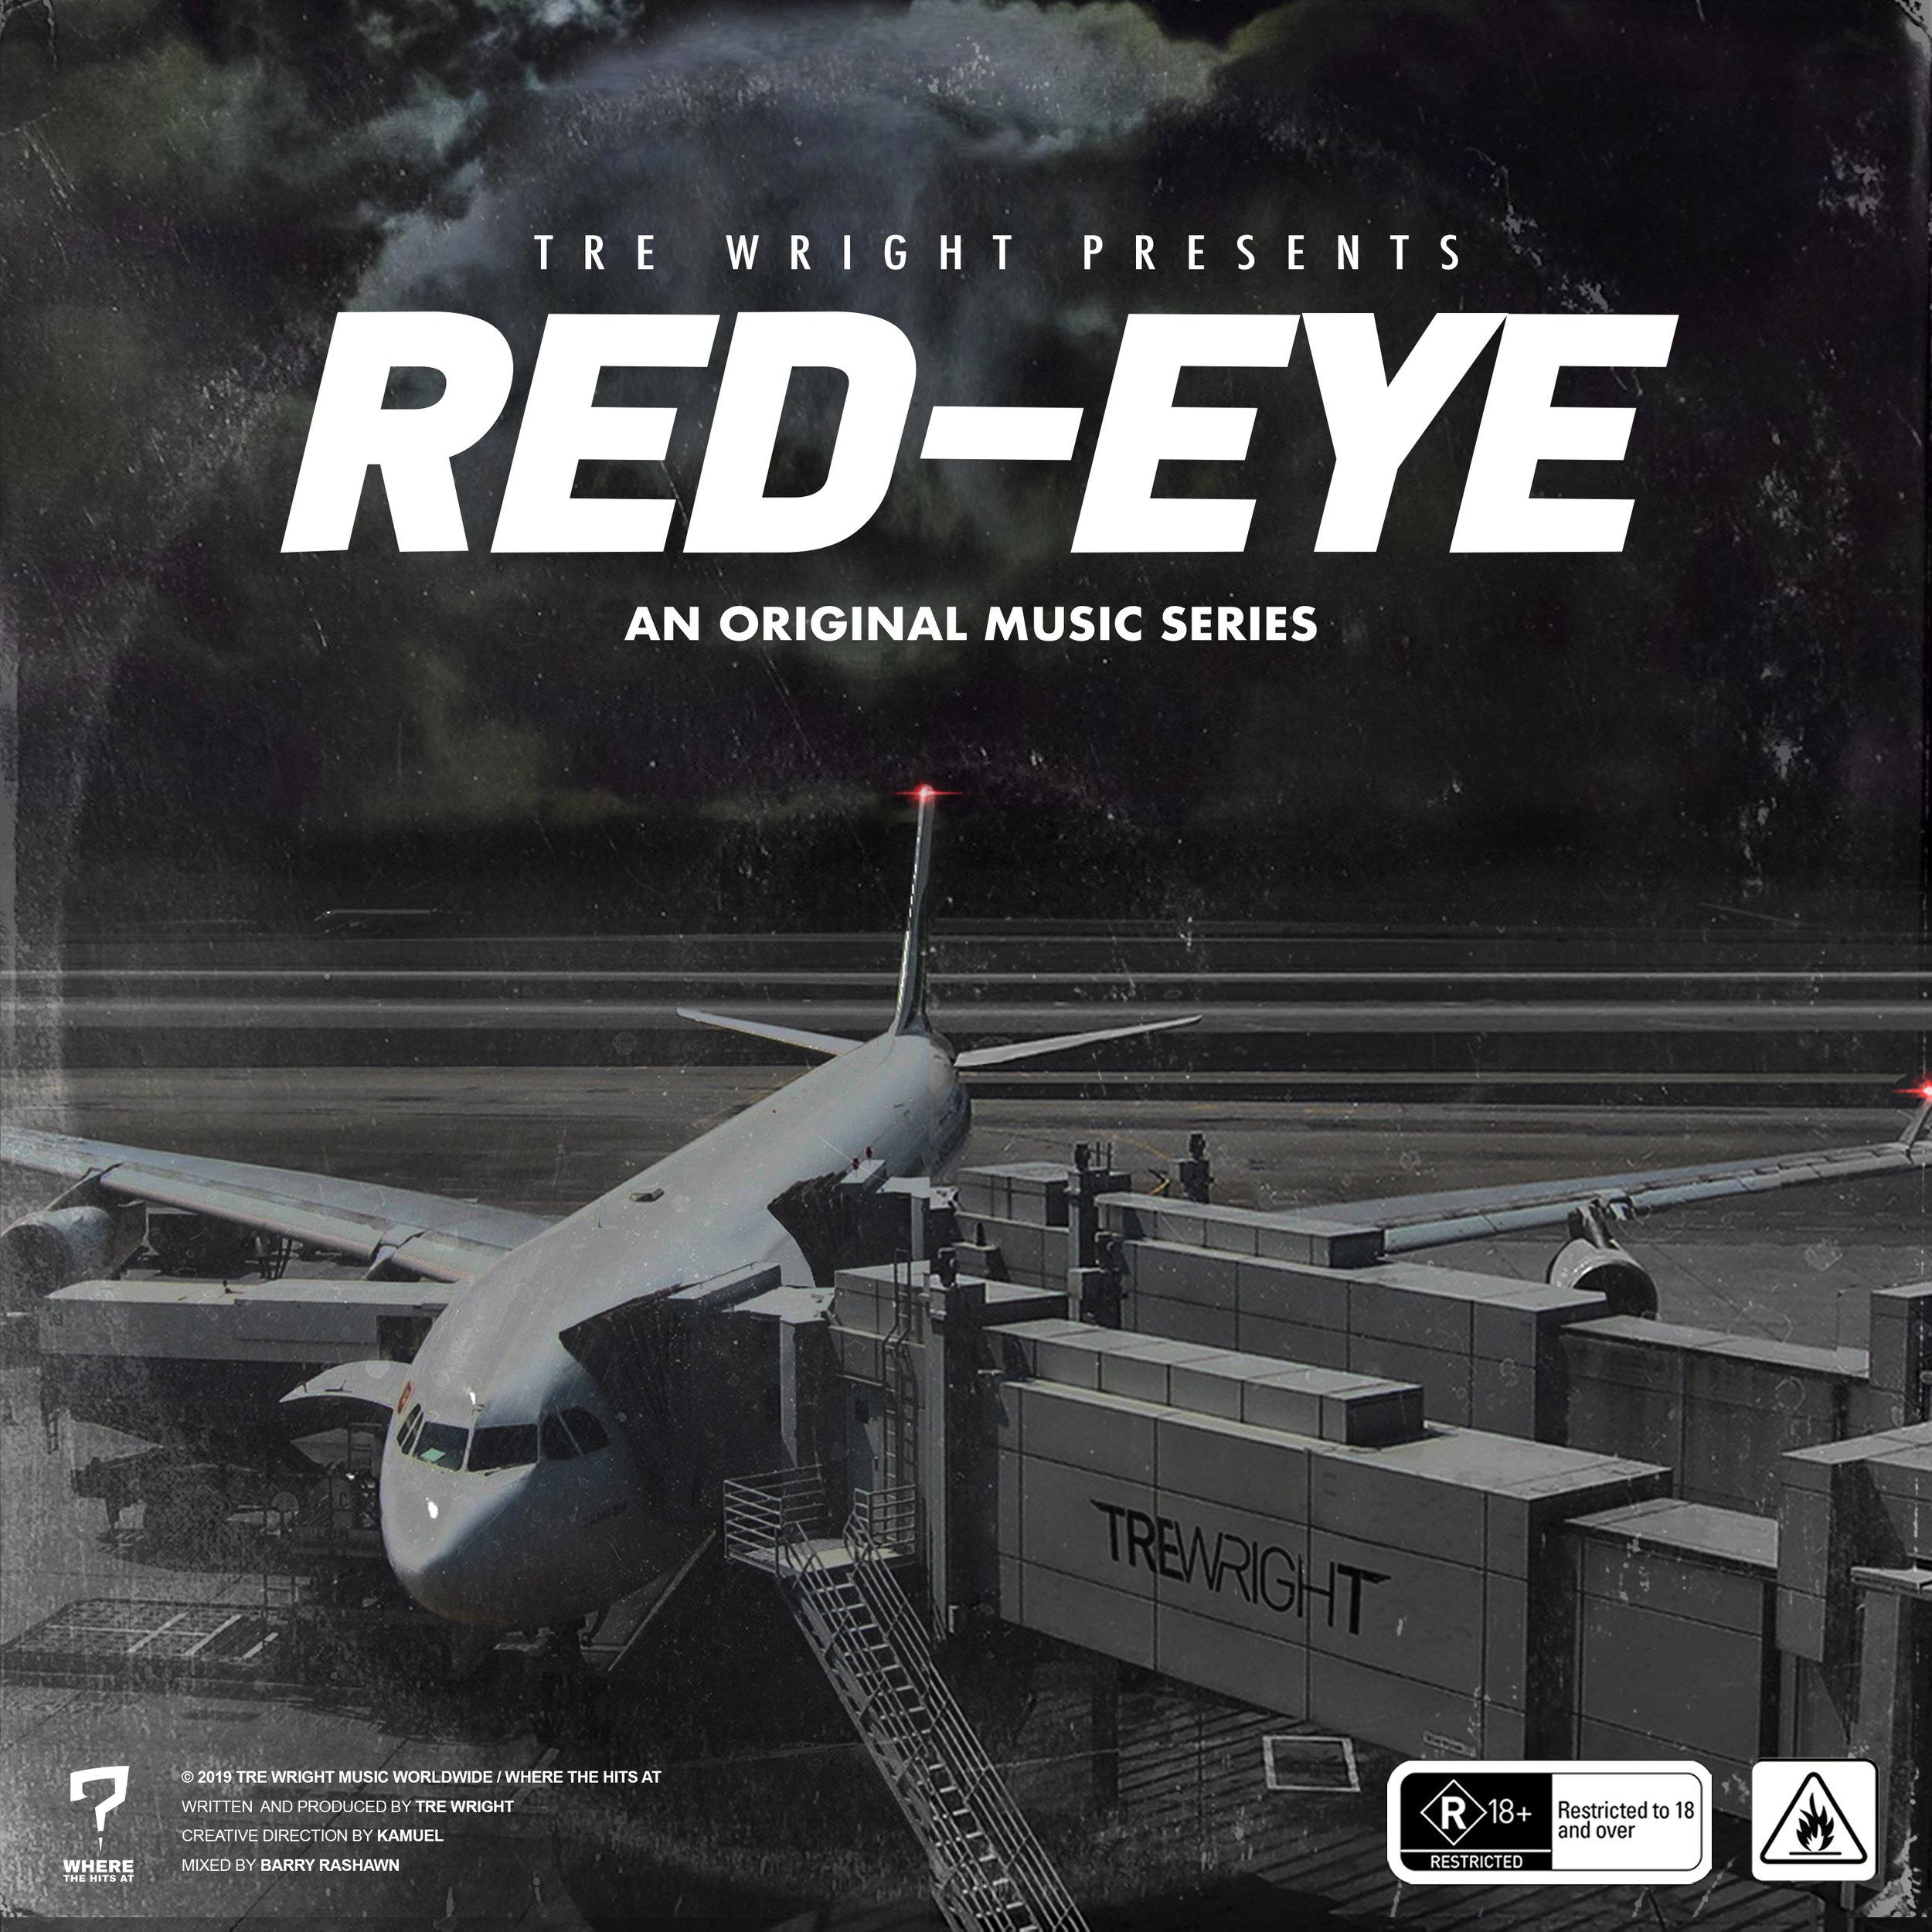 RED-EYE ALBUM ARTWORK.JPG